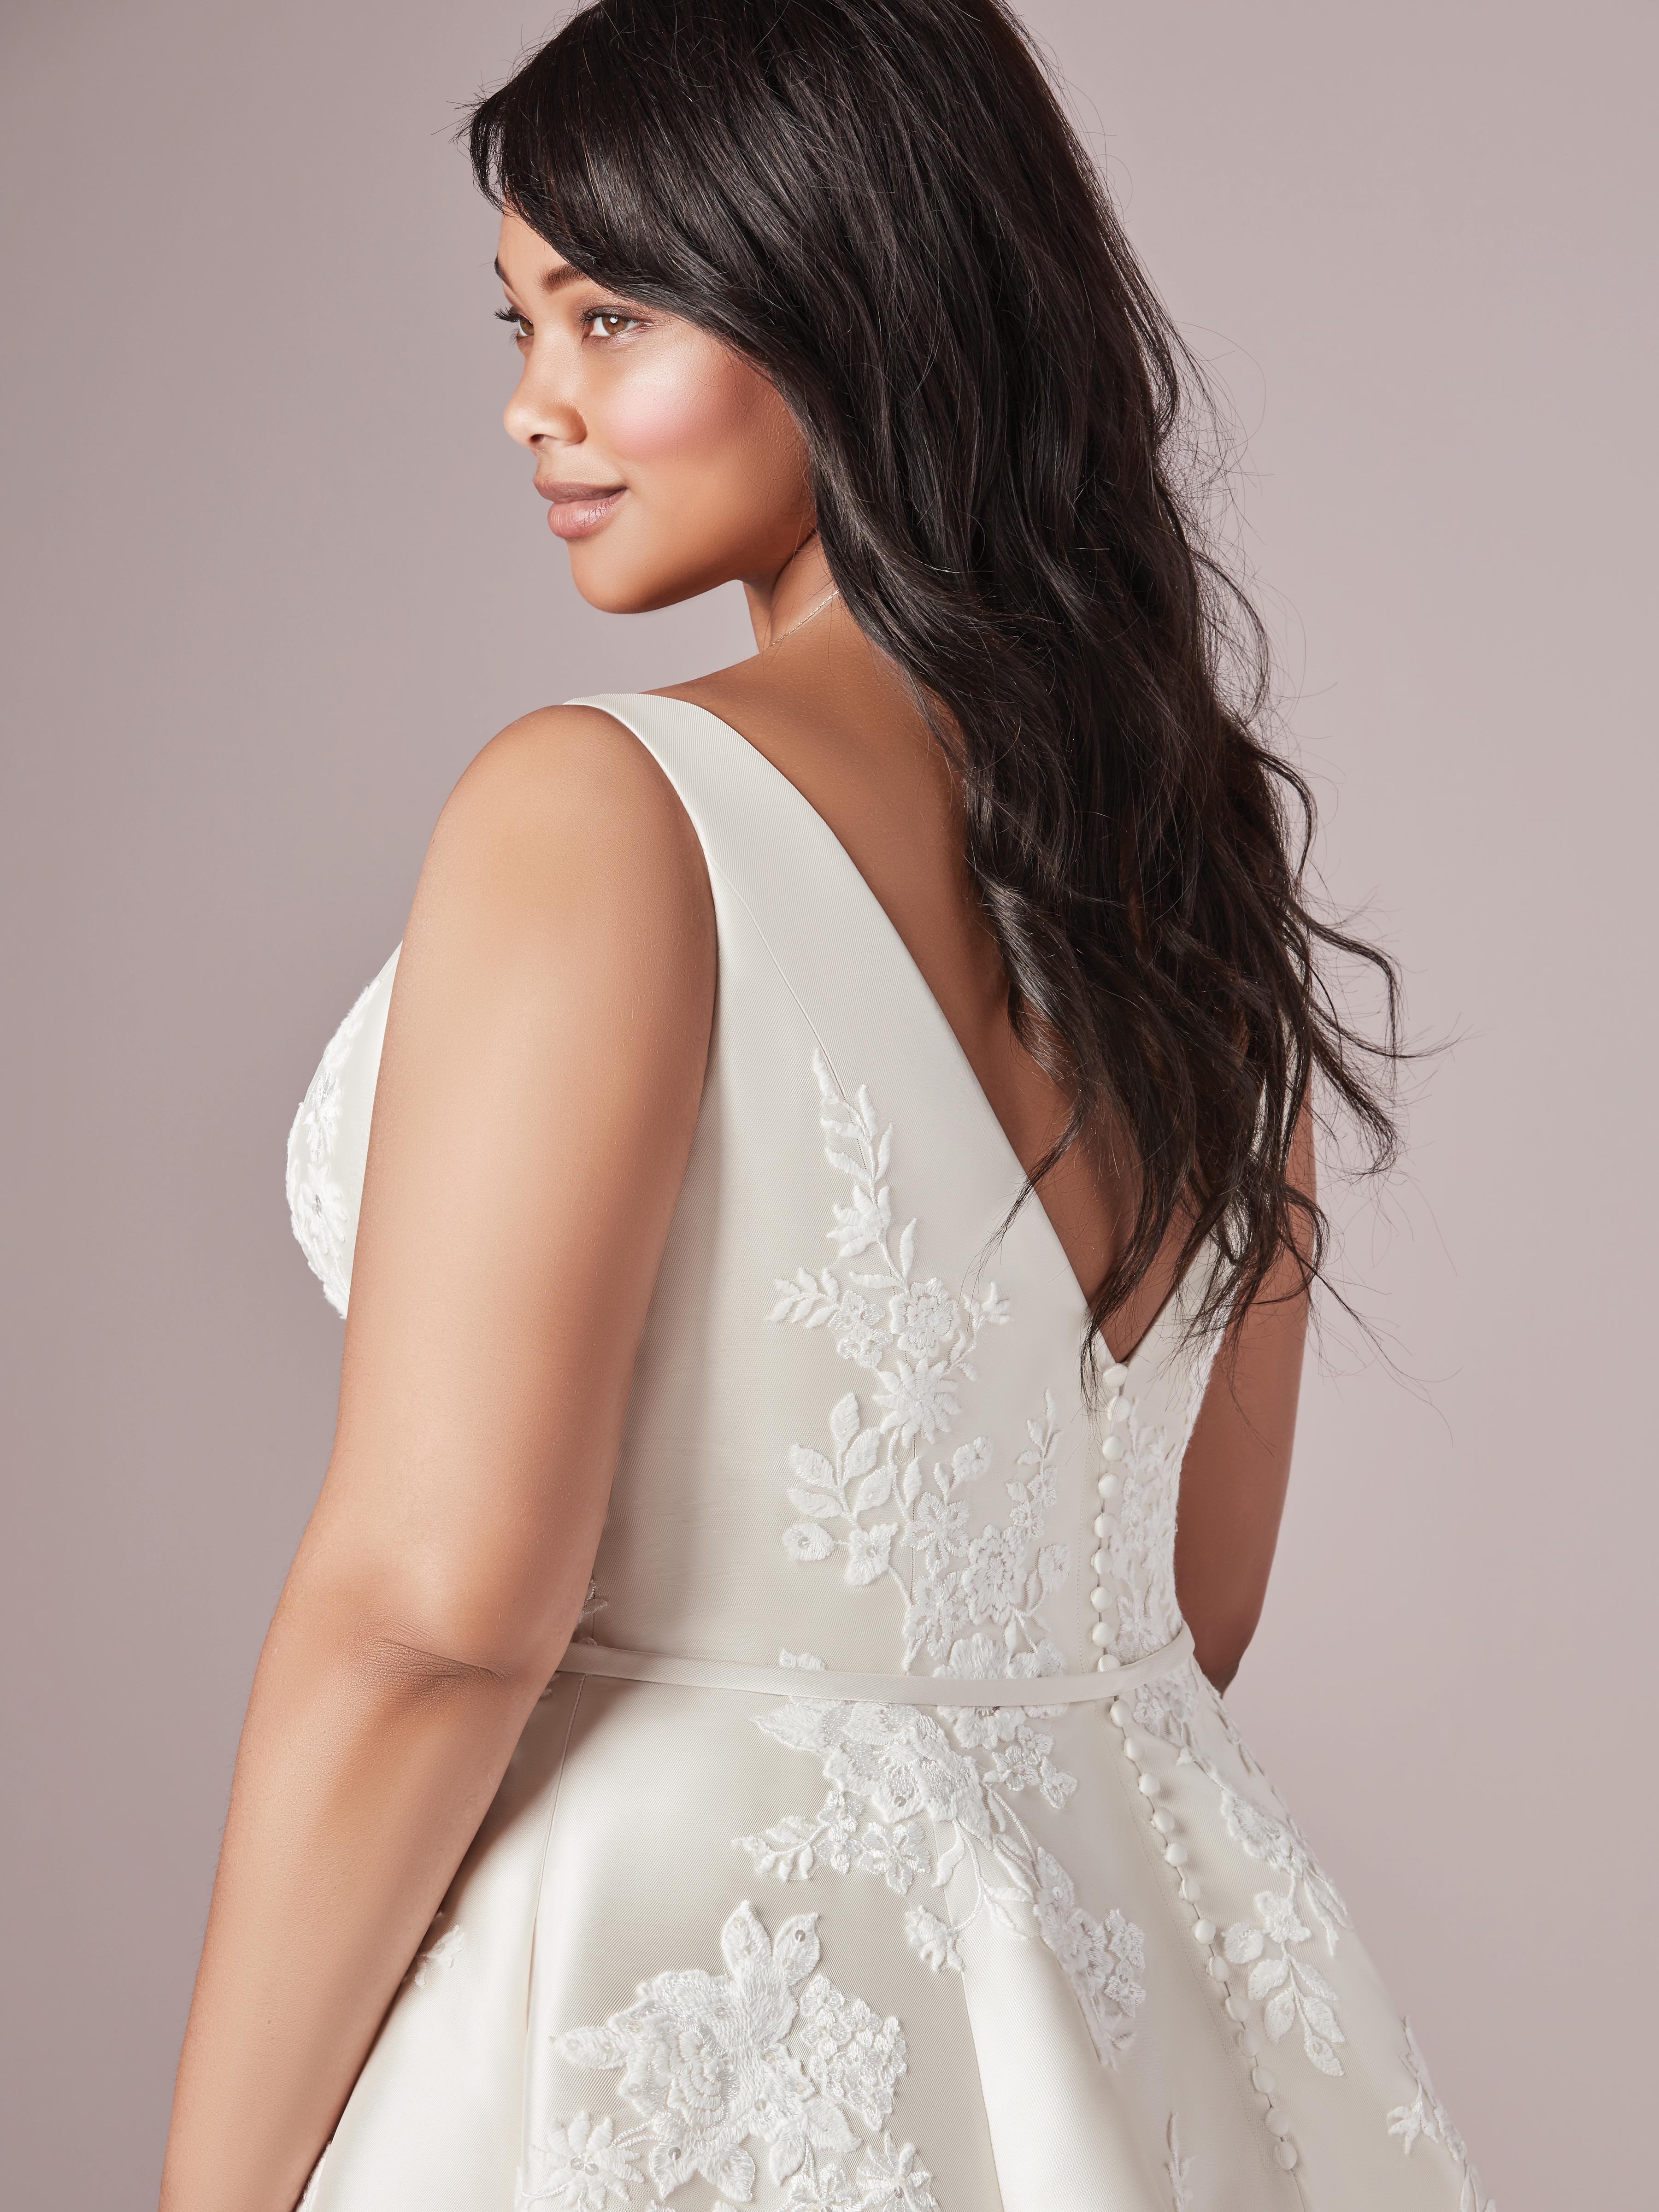 Valerie Lynette Satin Plus-Sized Wedding Dress by Rebecca Ingram